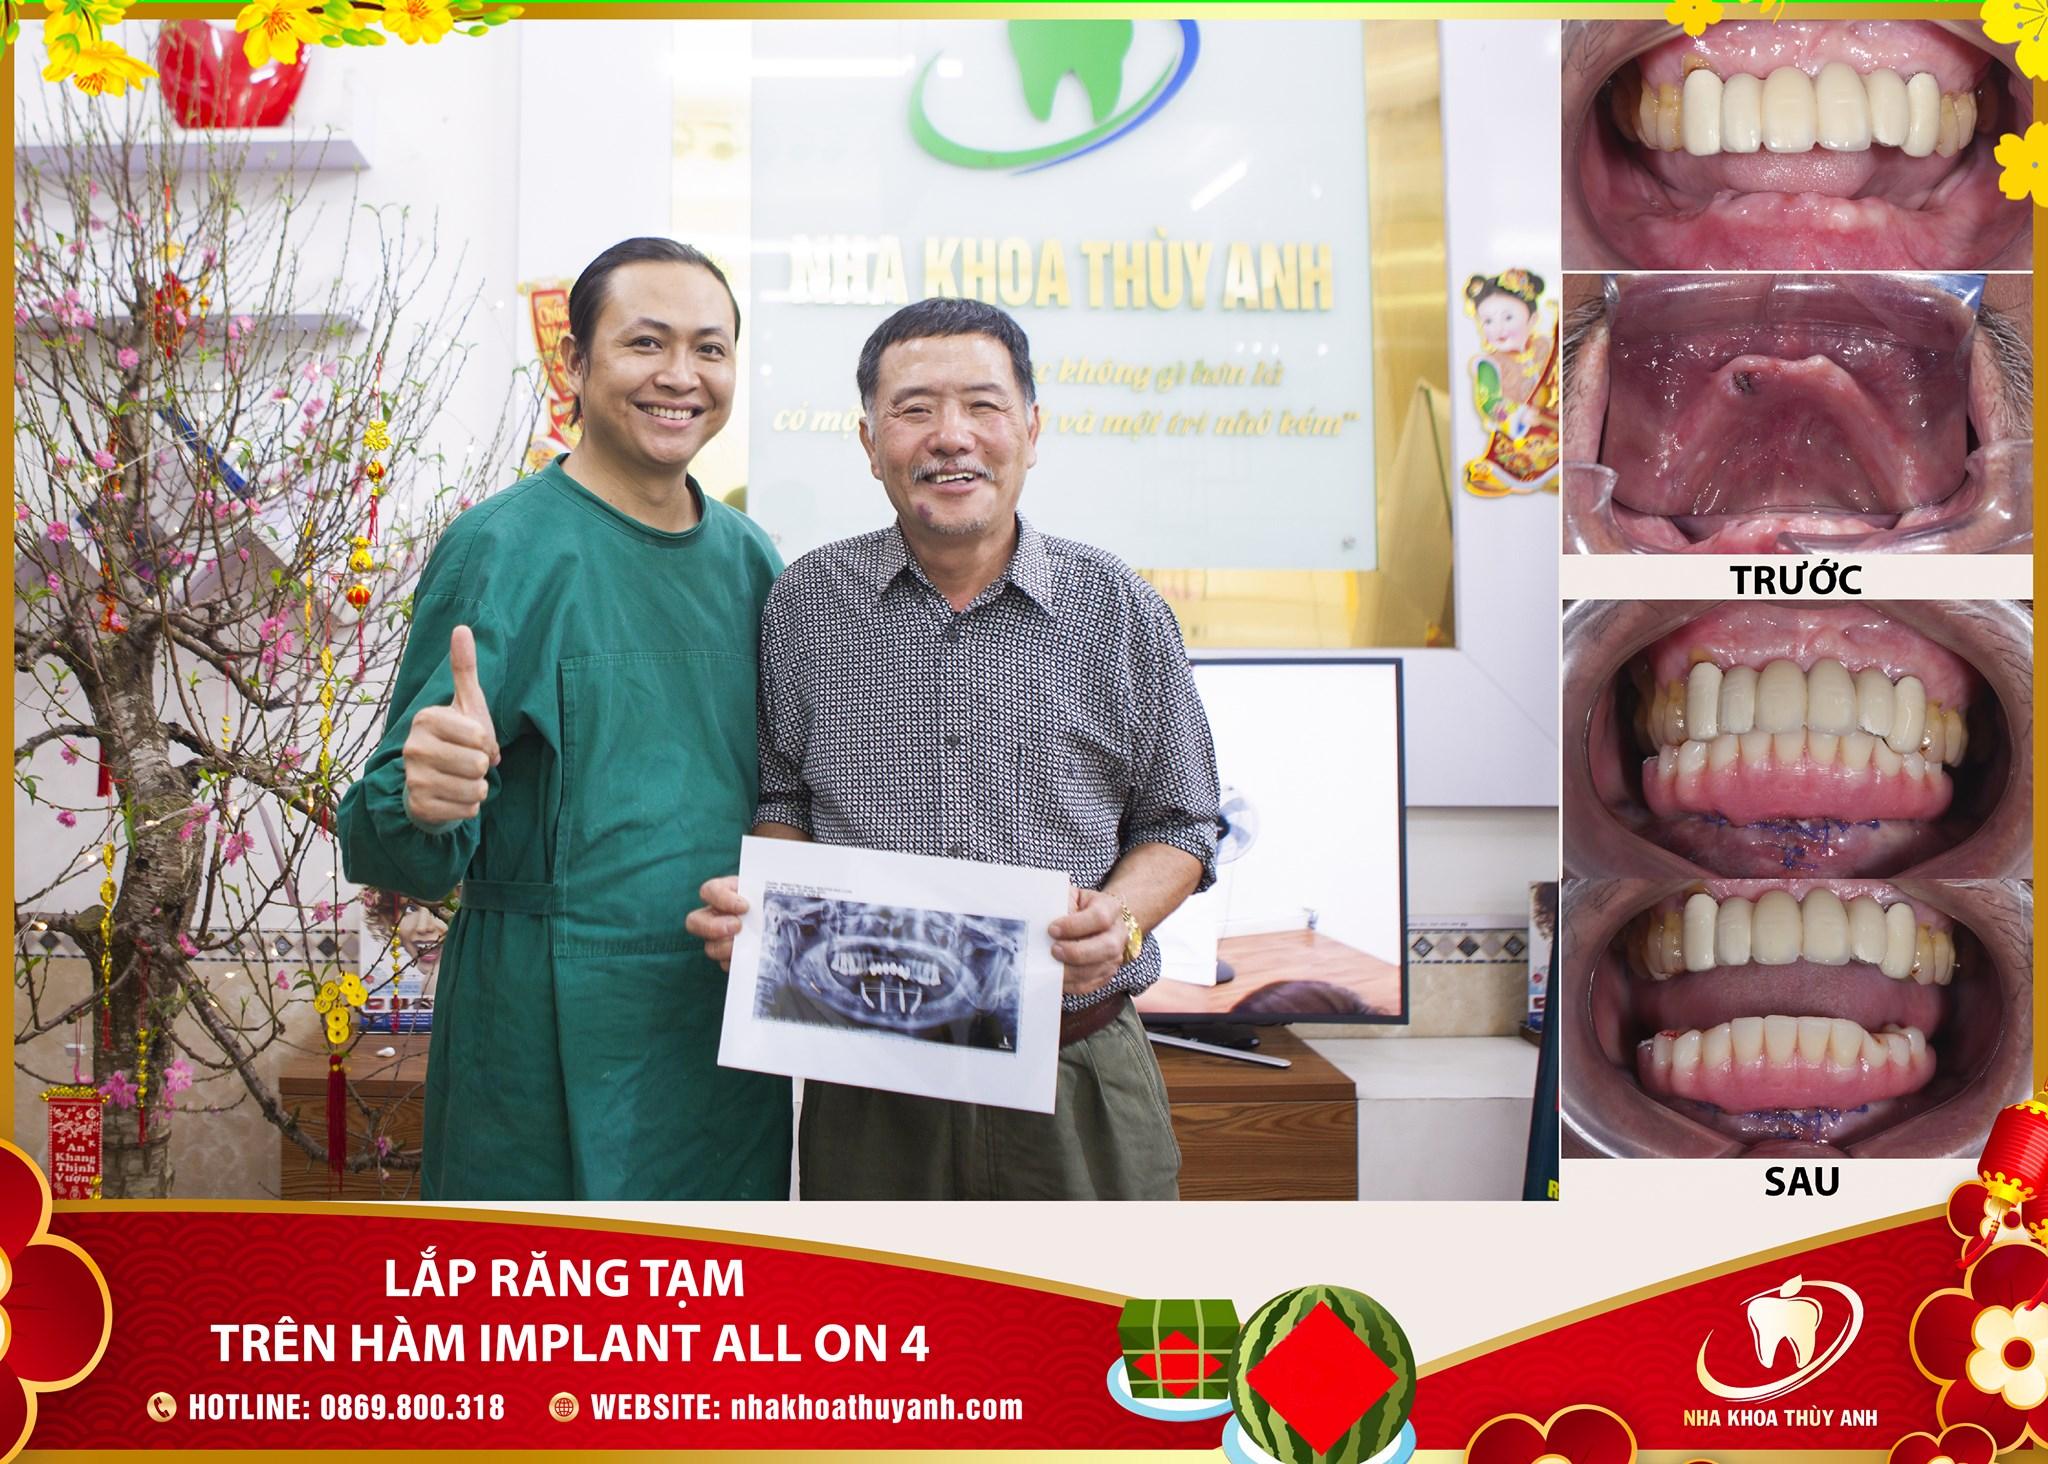 Bỏ hàm tháo lắp, bác Luân ăn nhai ngon miệng, giao tiếp tự tin hơn nhờ trồng răng Implant